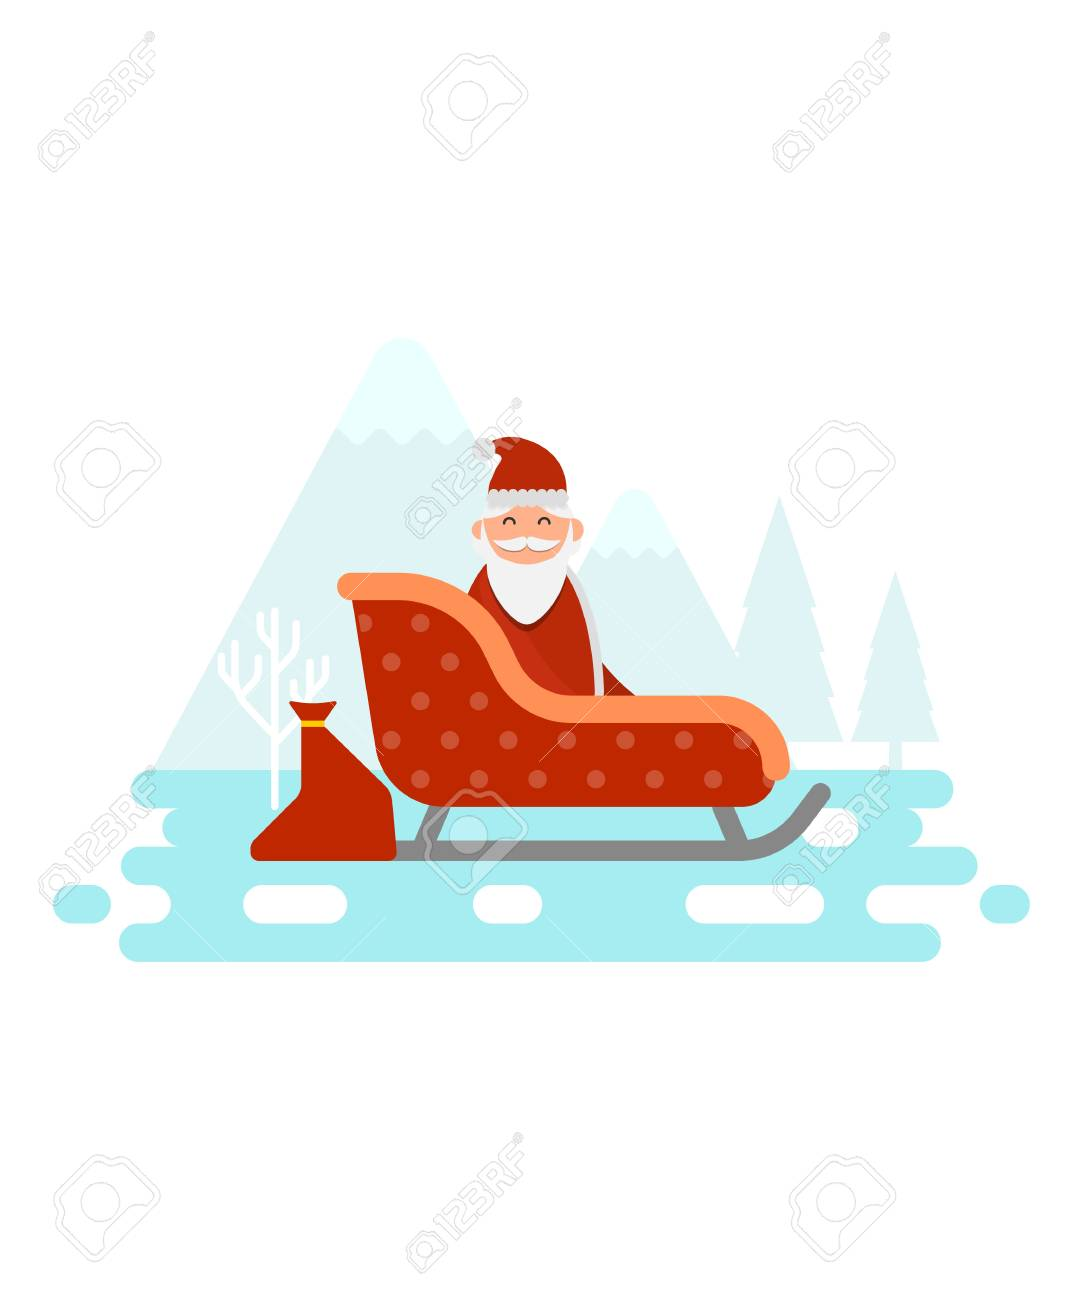 Babbo Natale A Casa Dei Bambini.Babbo Natale E Seduto Nella Sua Slitta E Sta Per Consegnare Regali E Regali Per L Illustrazione Vettoriale Di Buona Casa Dei Bambini